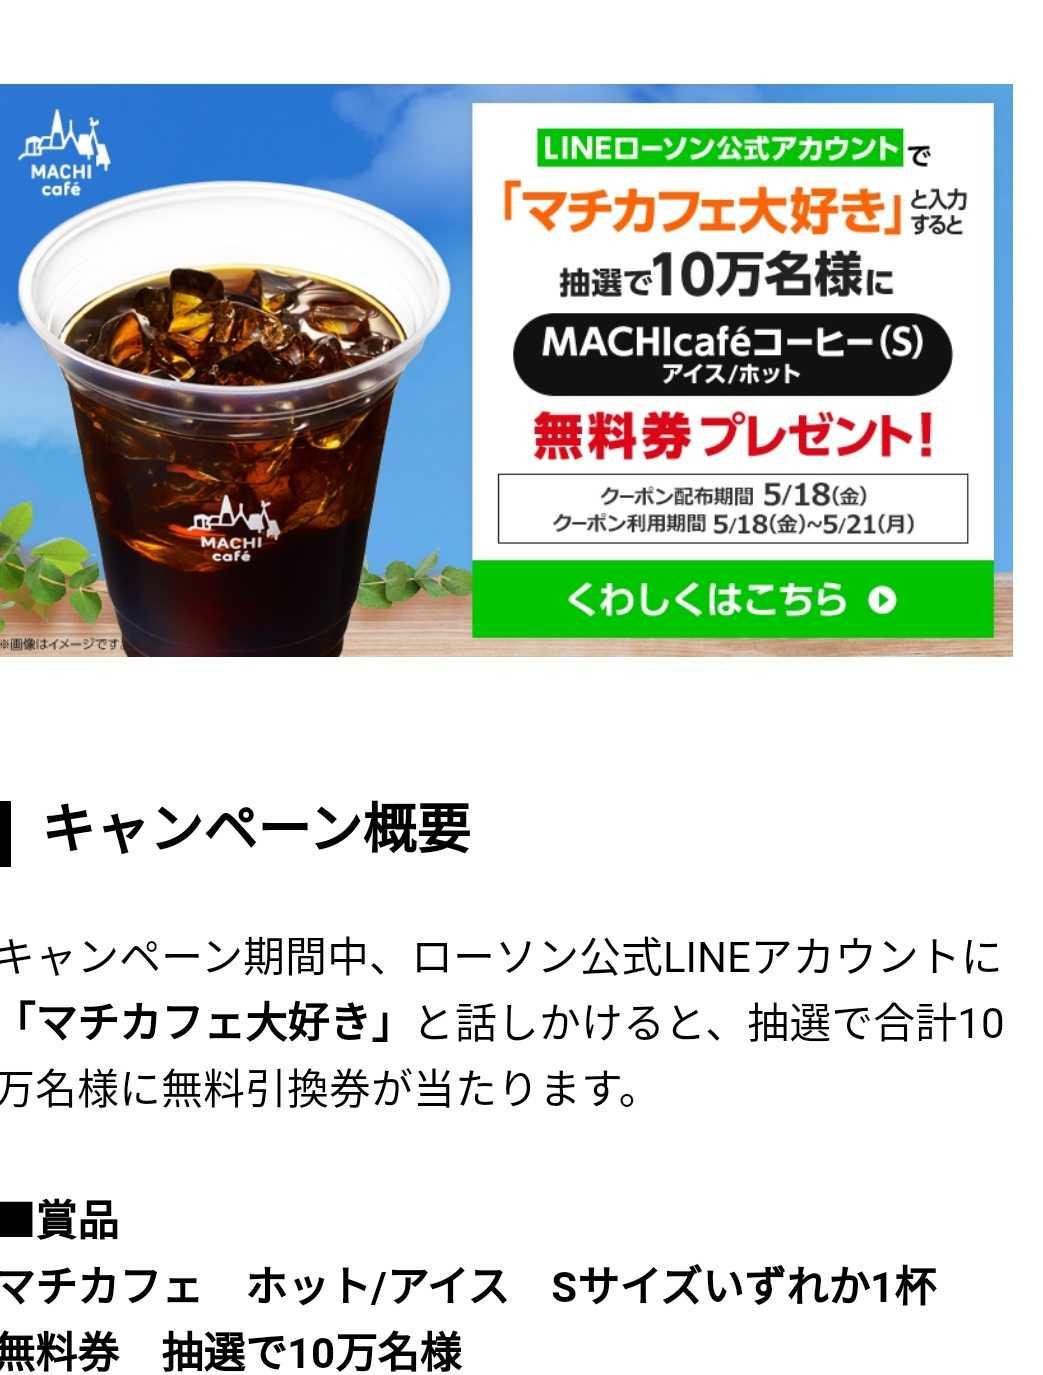 【ローソン】本日限定!LINEでコーヒー10万名に当たるよ♪